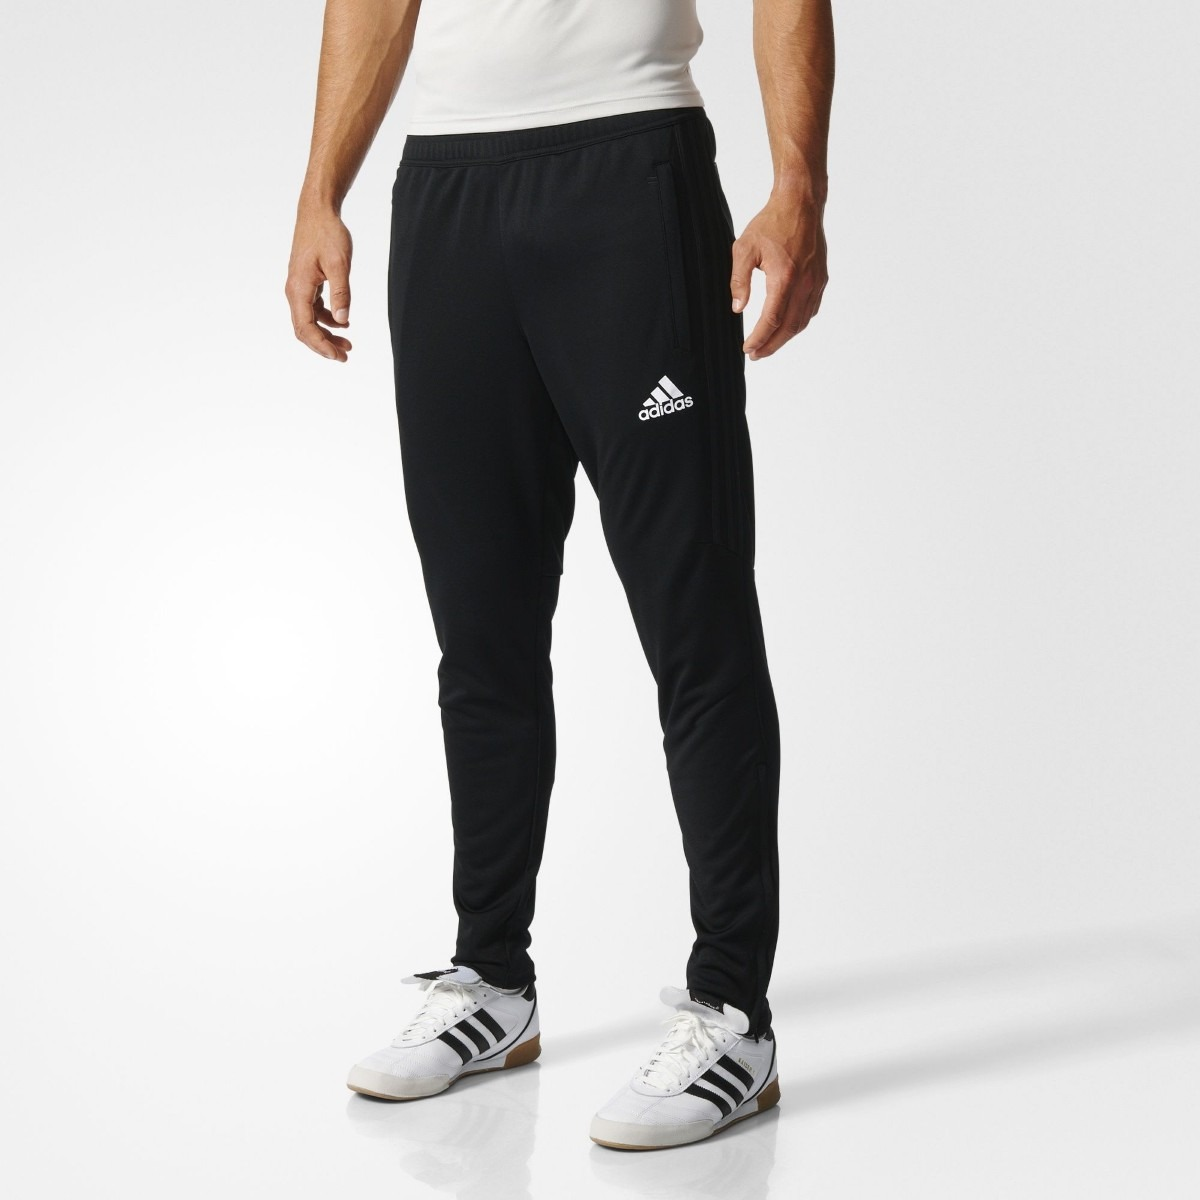 4d8862d59d496 pants adidas tiro 17 skinny de hombre nuevos 100% originales. Cargando zoom.